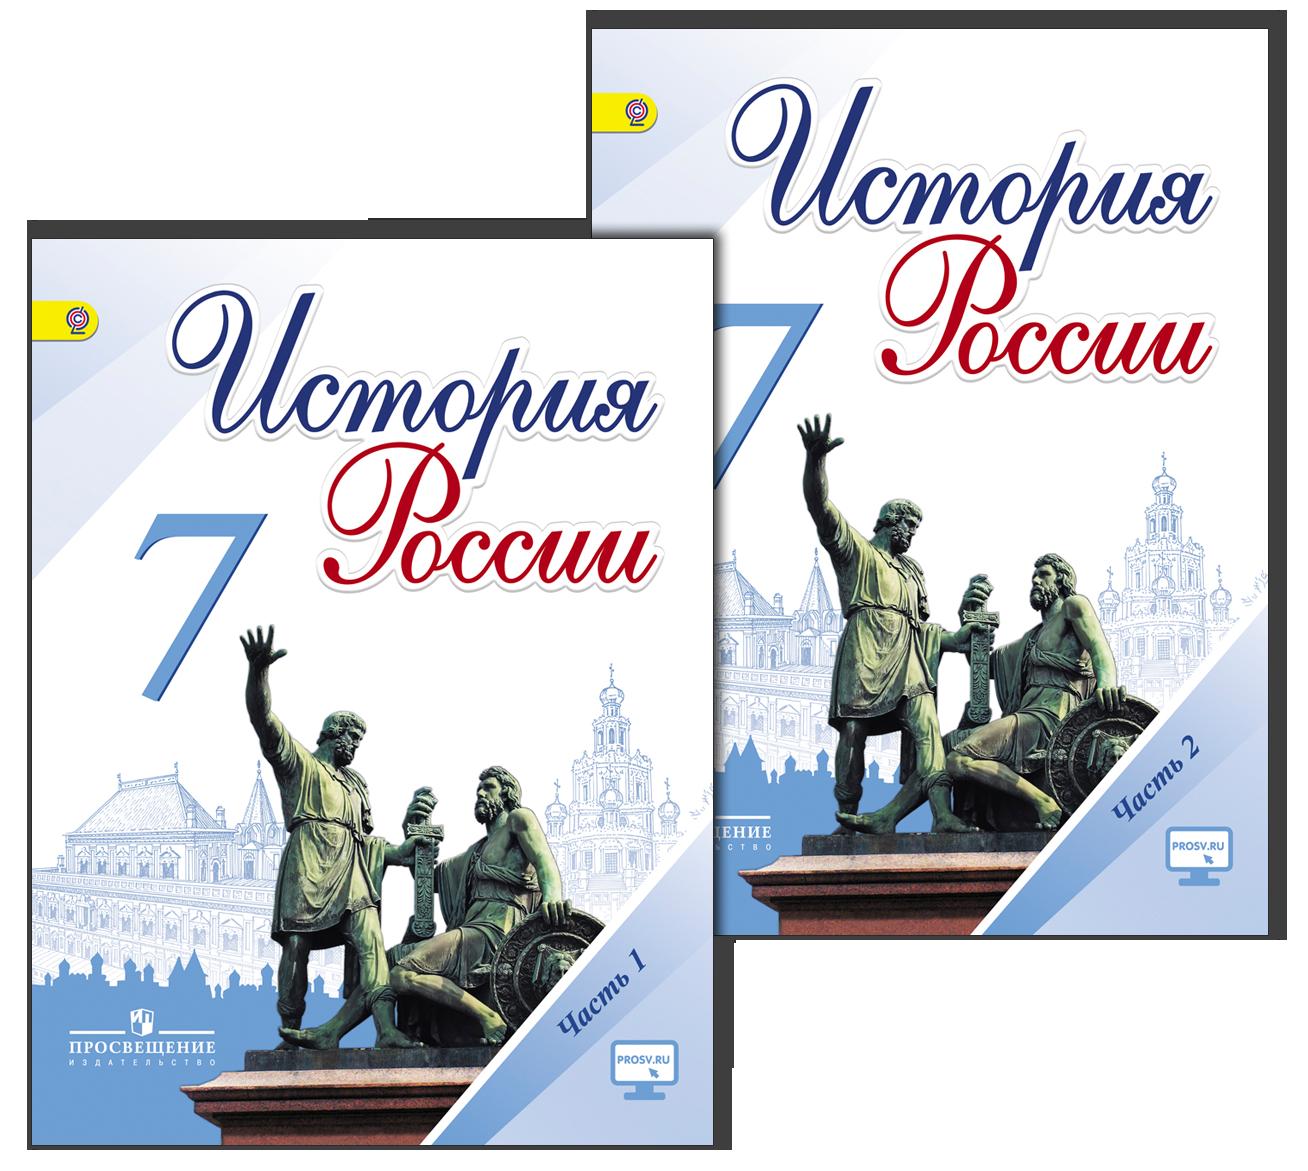 Гдз к учебнику по истории россии 7 класс онлайн